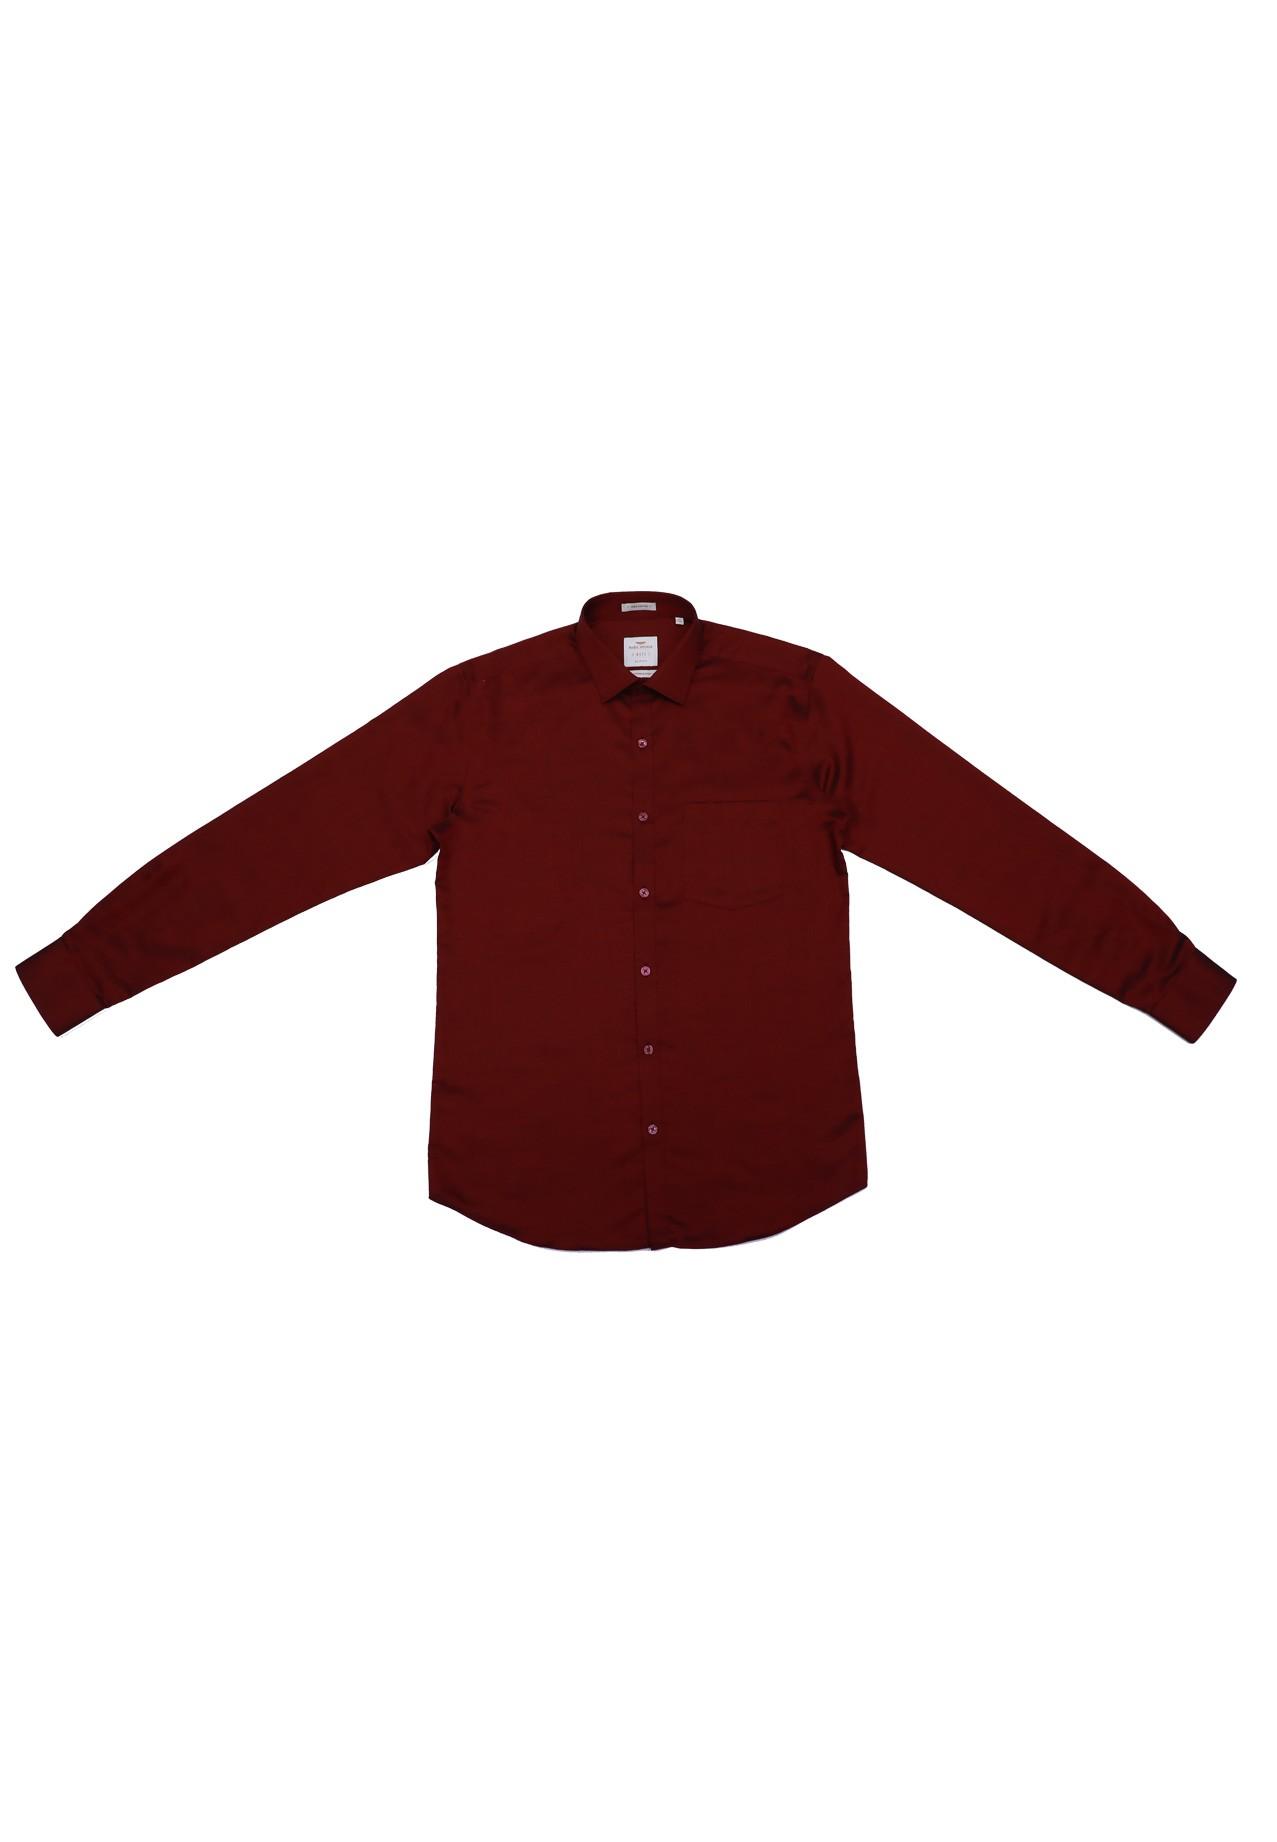 Park Avenue PMSX12185-R8 Mens Shirt, Size 42